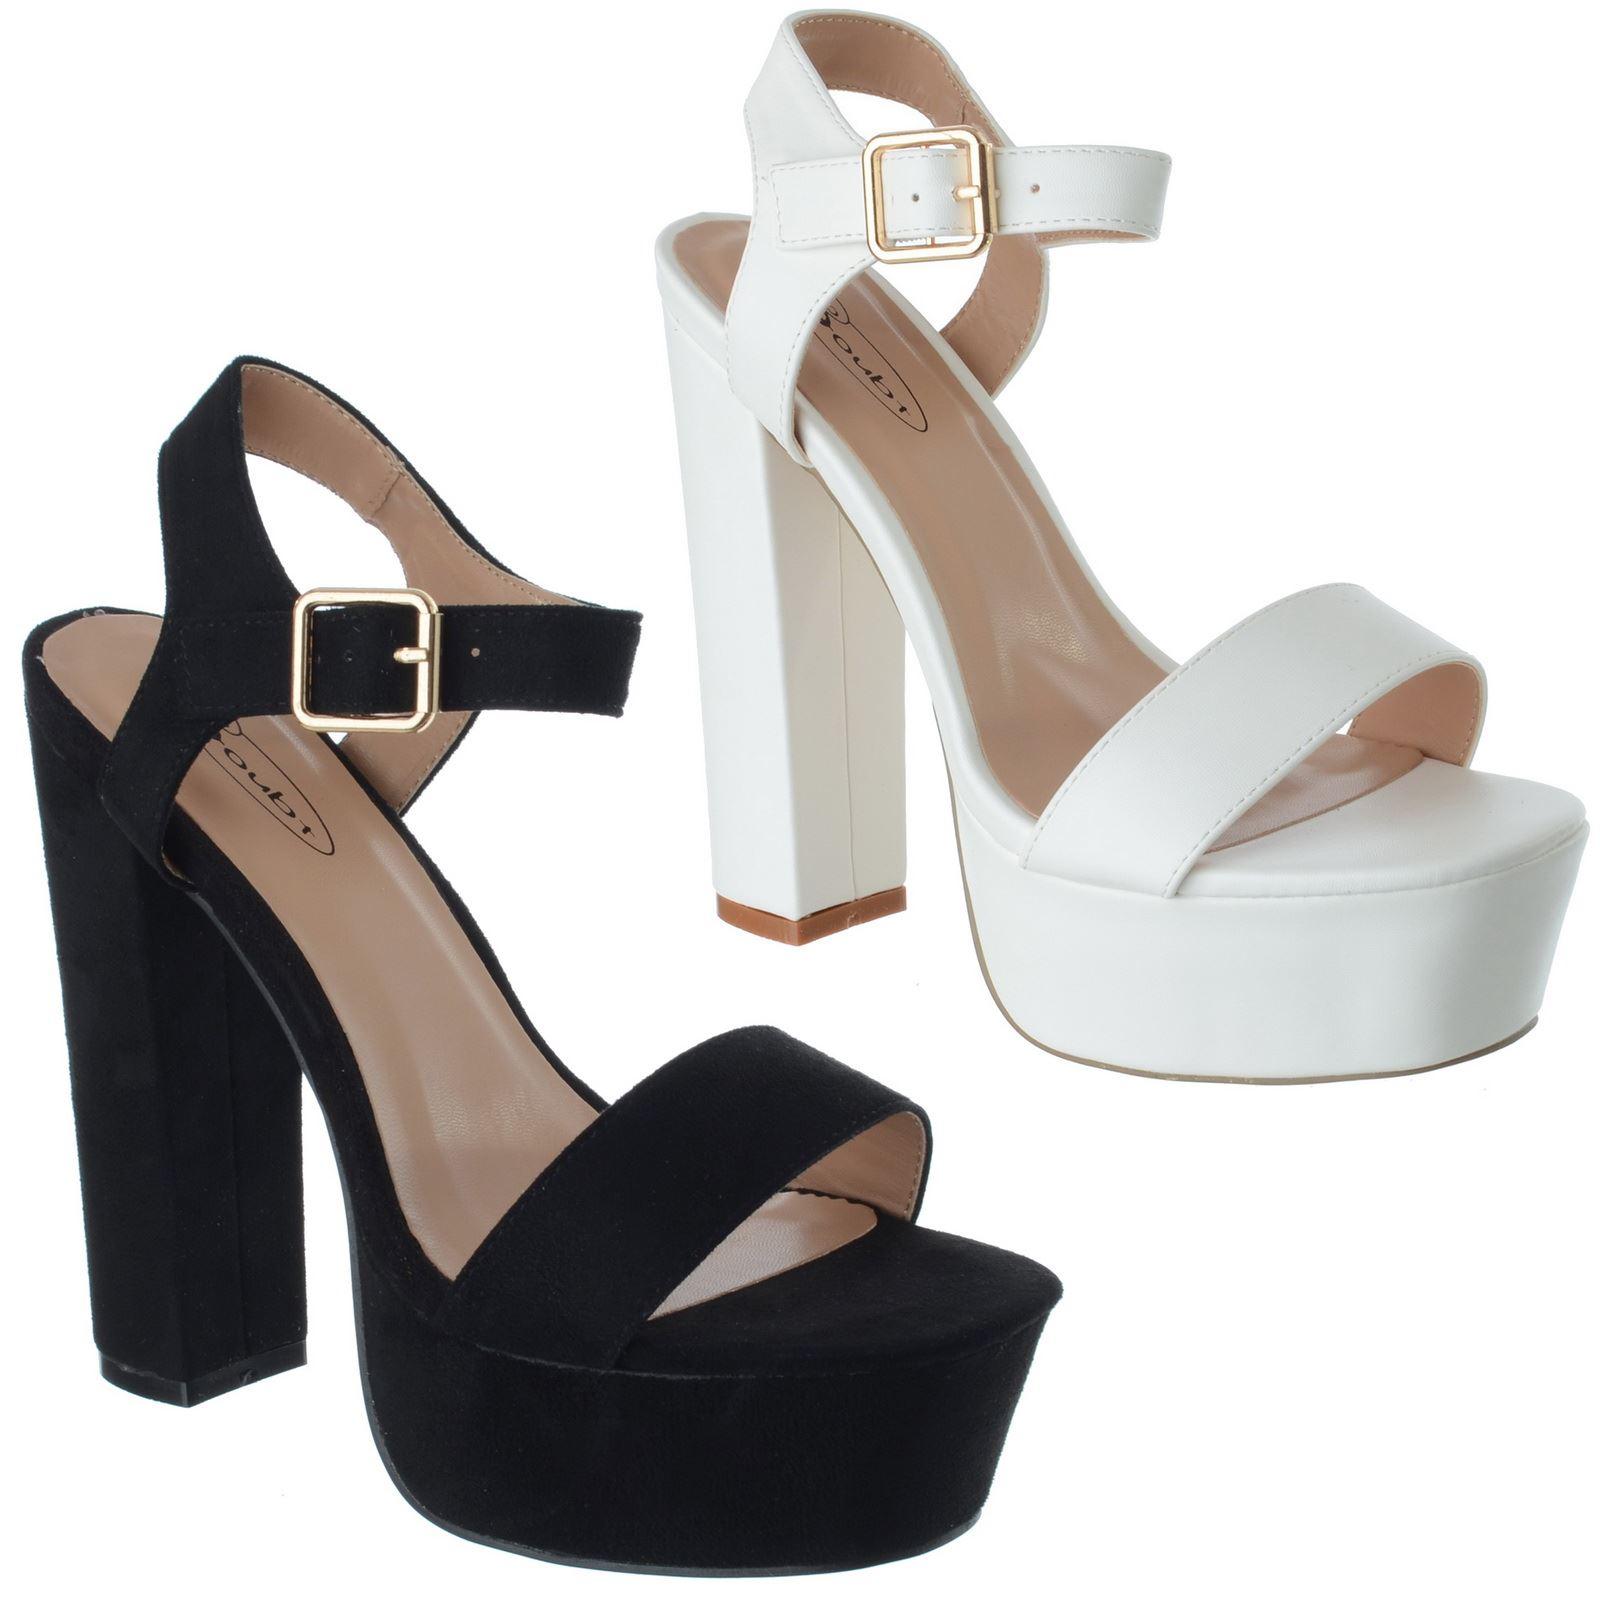 Sandali Donna Tacco e Plateau Blocco Tacchi Sandali Donna Scarpe Cinturino alla Caviglia Croce Taglia